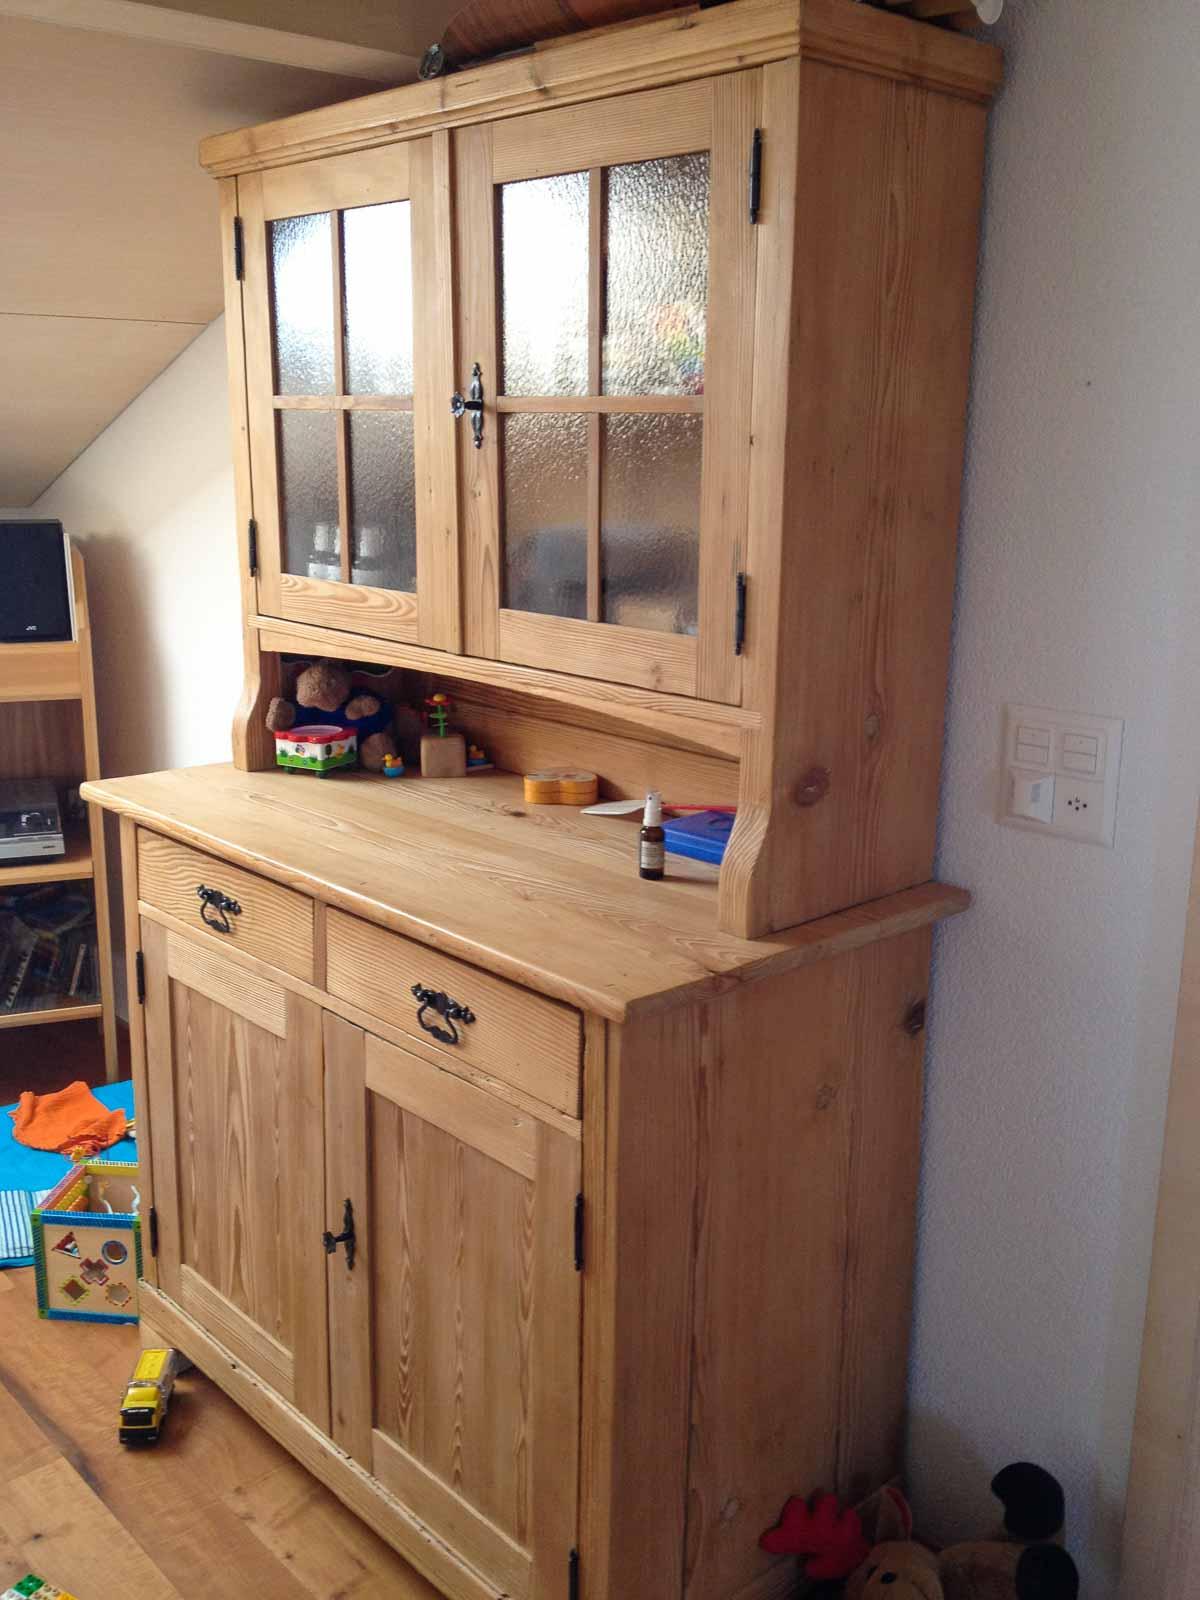 Wooddesign_Holzdesign_Altholz_Bauernschrank_Geschirrschrank_Vitrine_restauriert_alter Schrank (1)